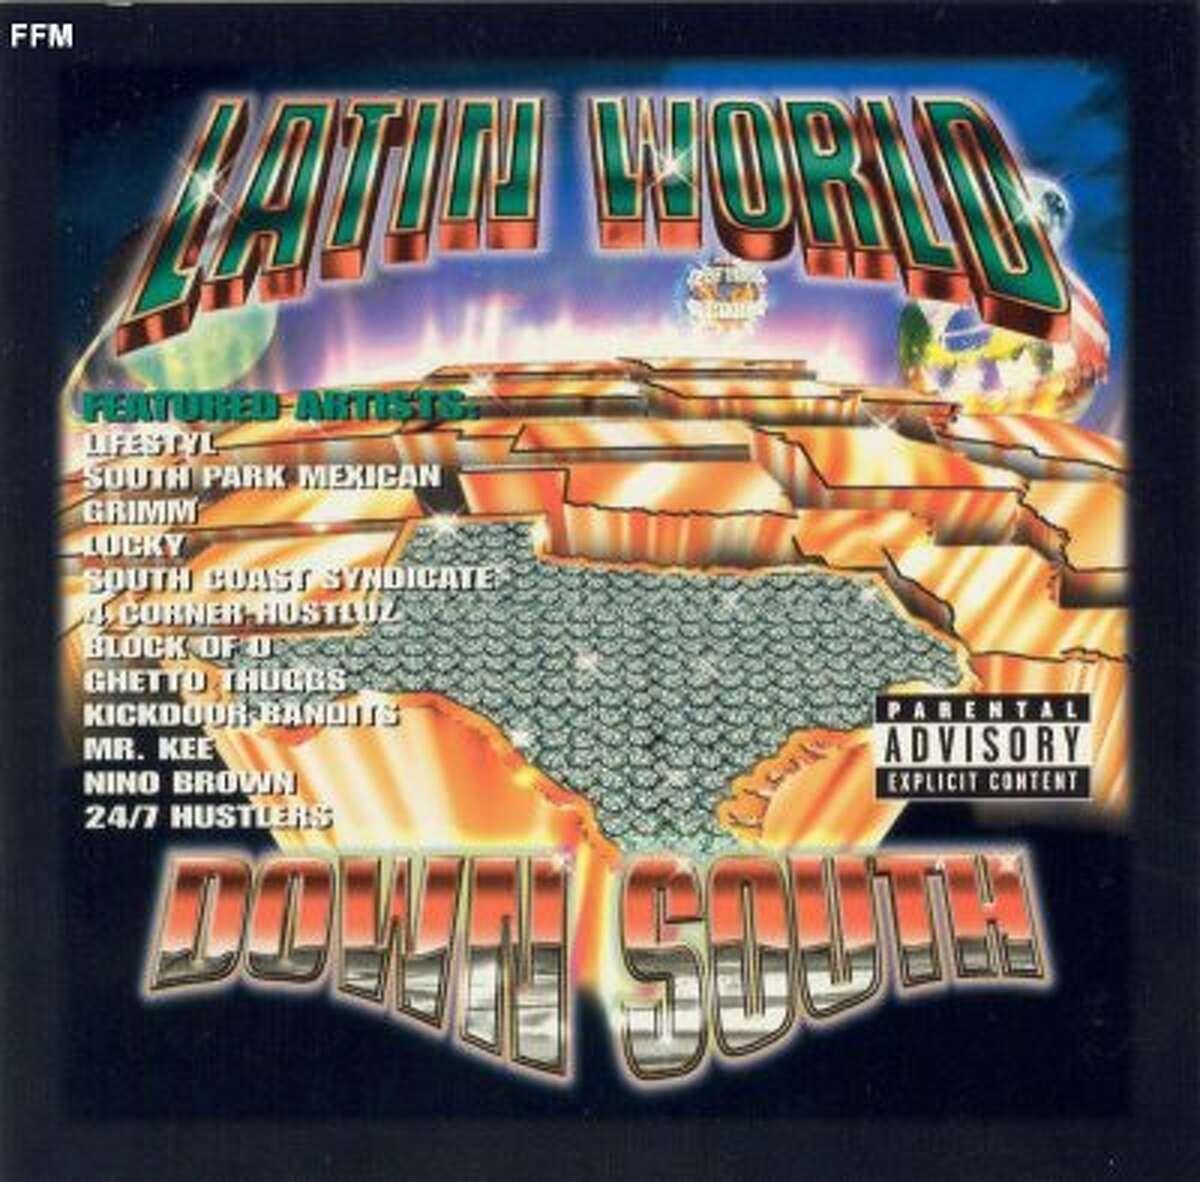 Latin World Down South, 2000, Latium Records, Houston, Texas.